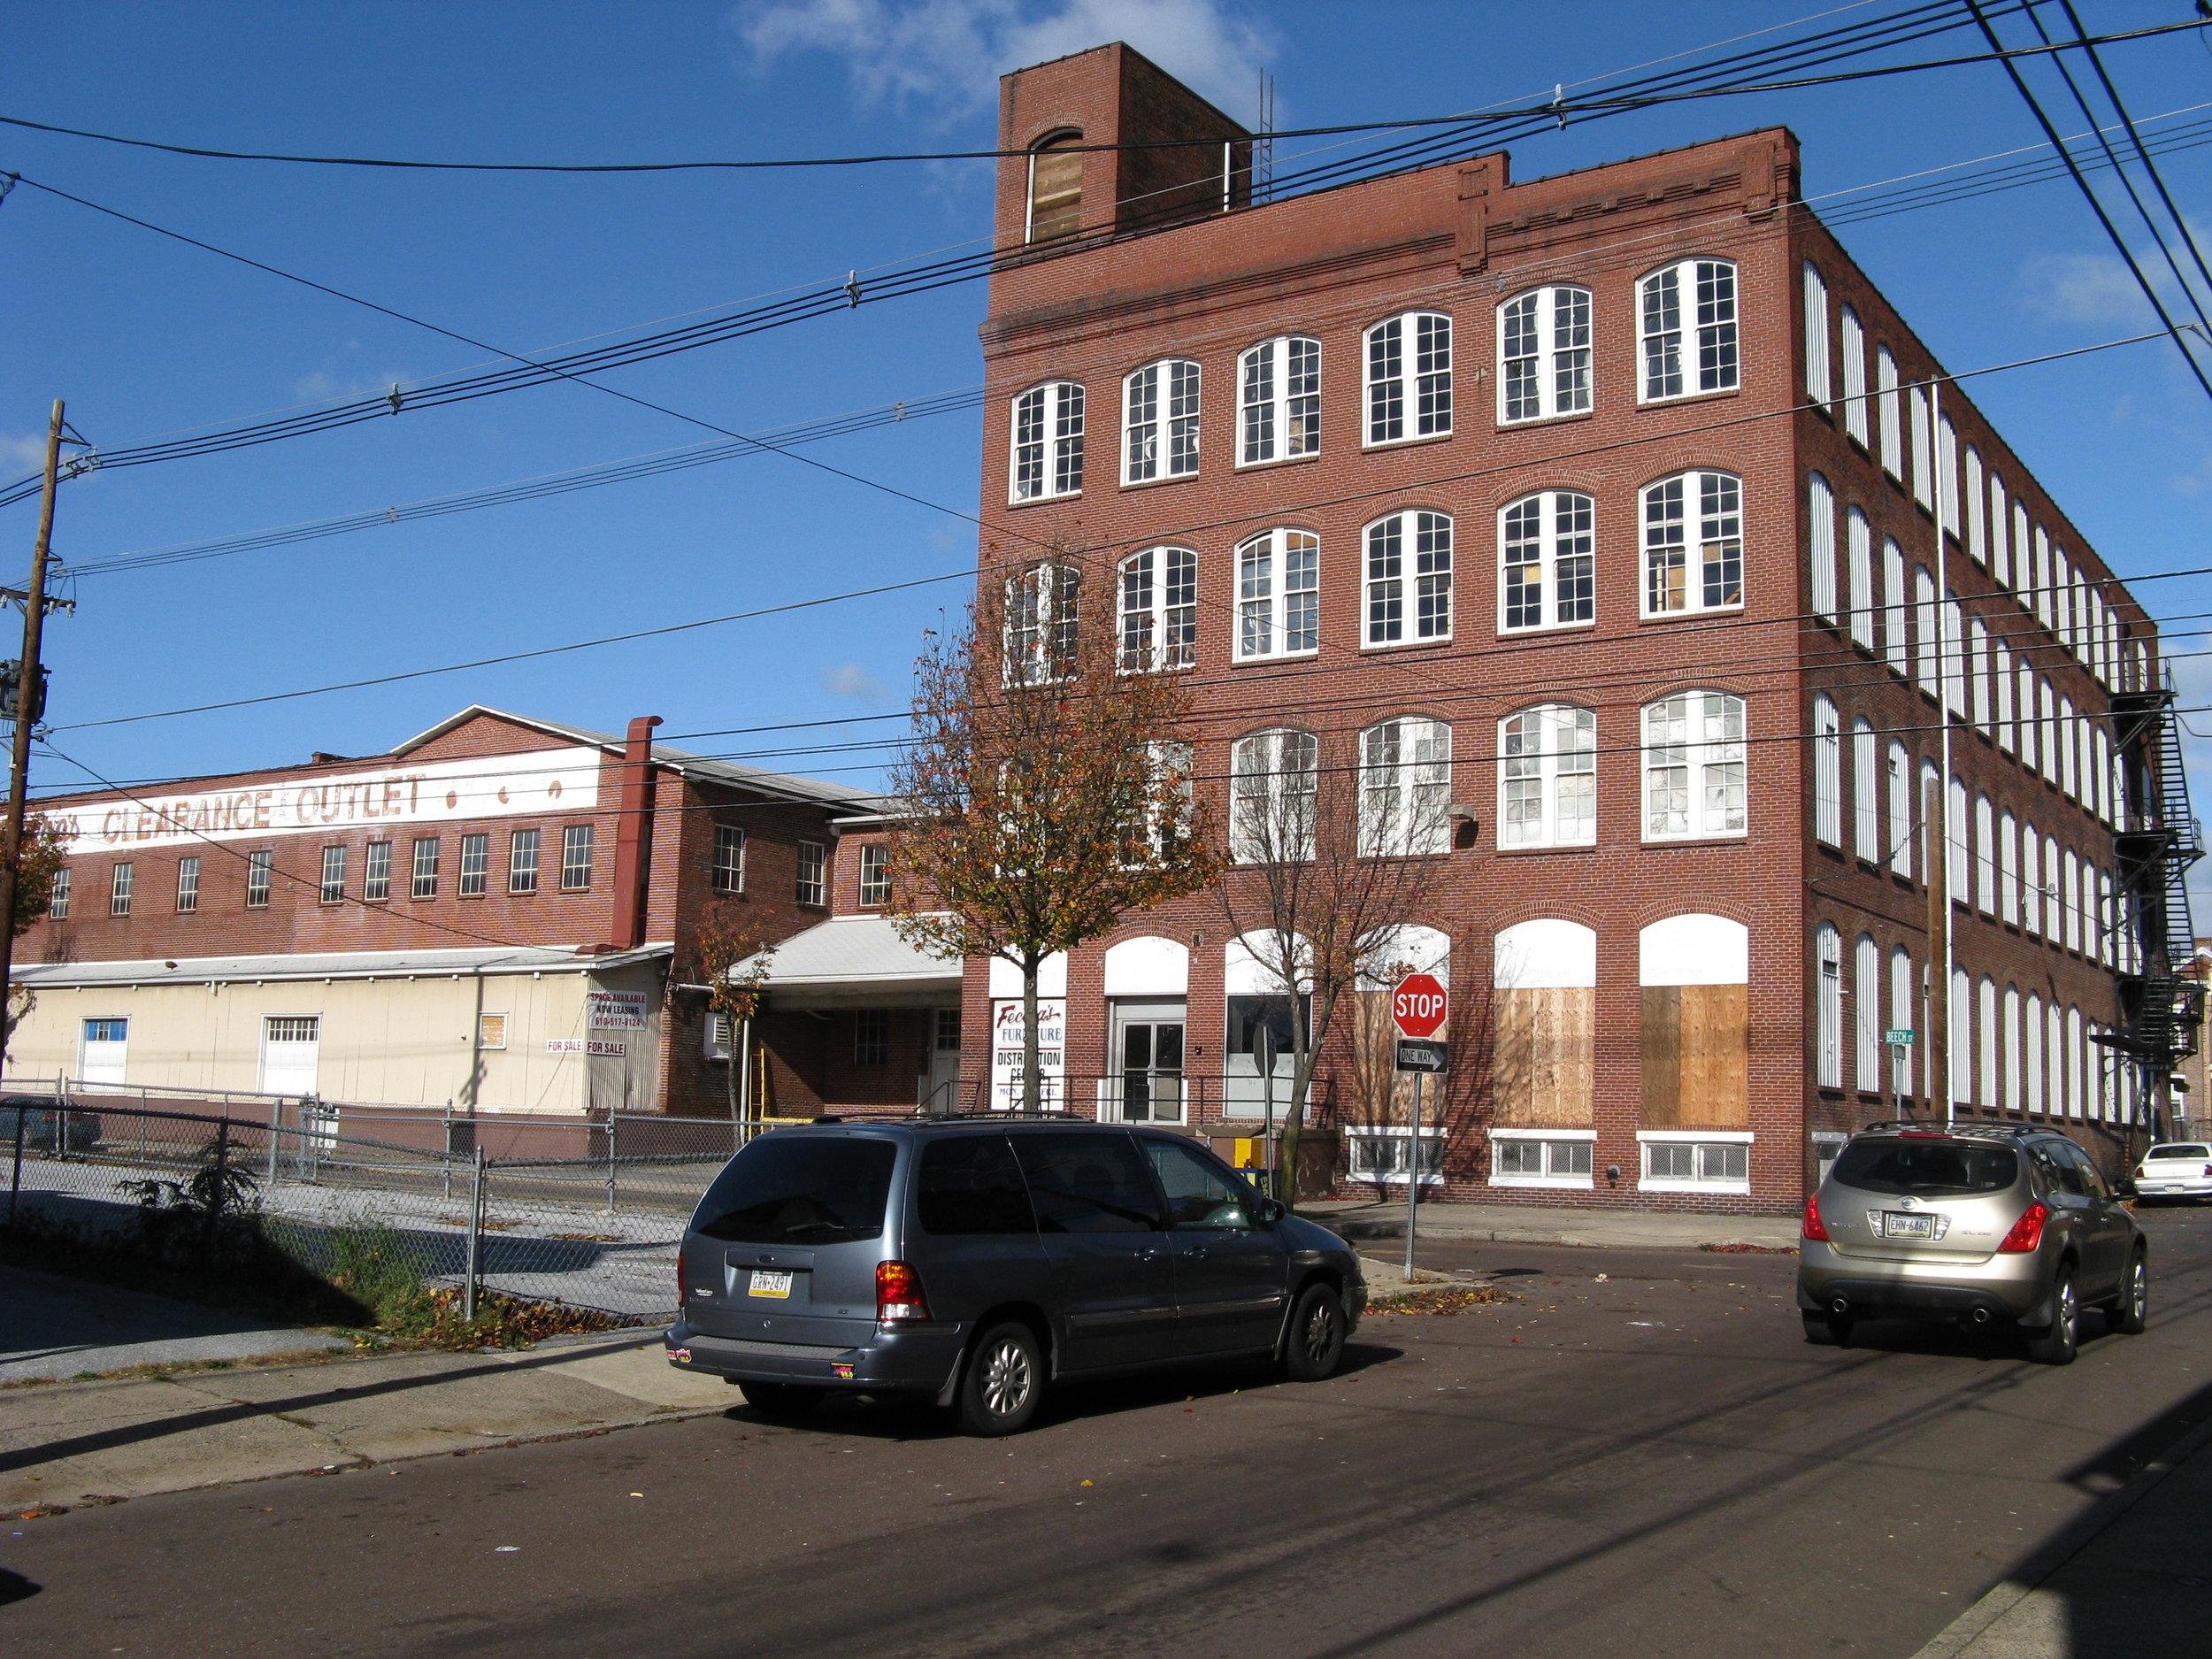 Warehouse shop in Pottstown, PA. 2008